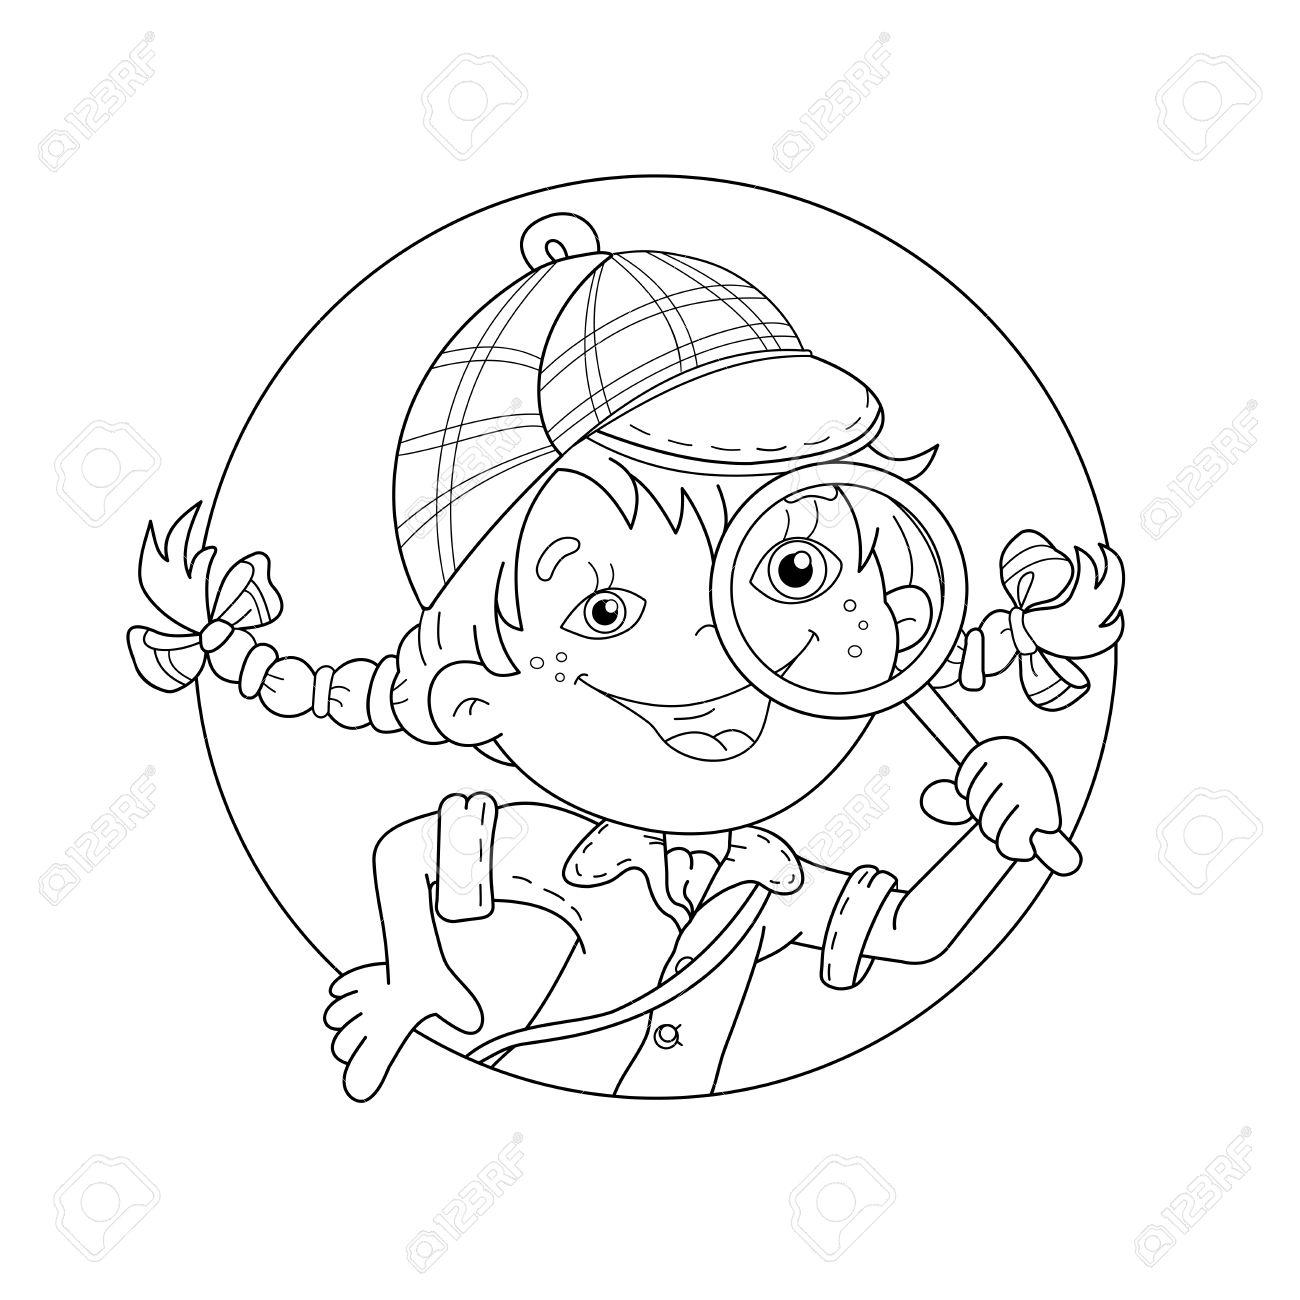 Página Para Colorear Esquema De Detective Niña De Dibujos Animados